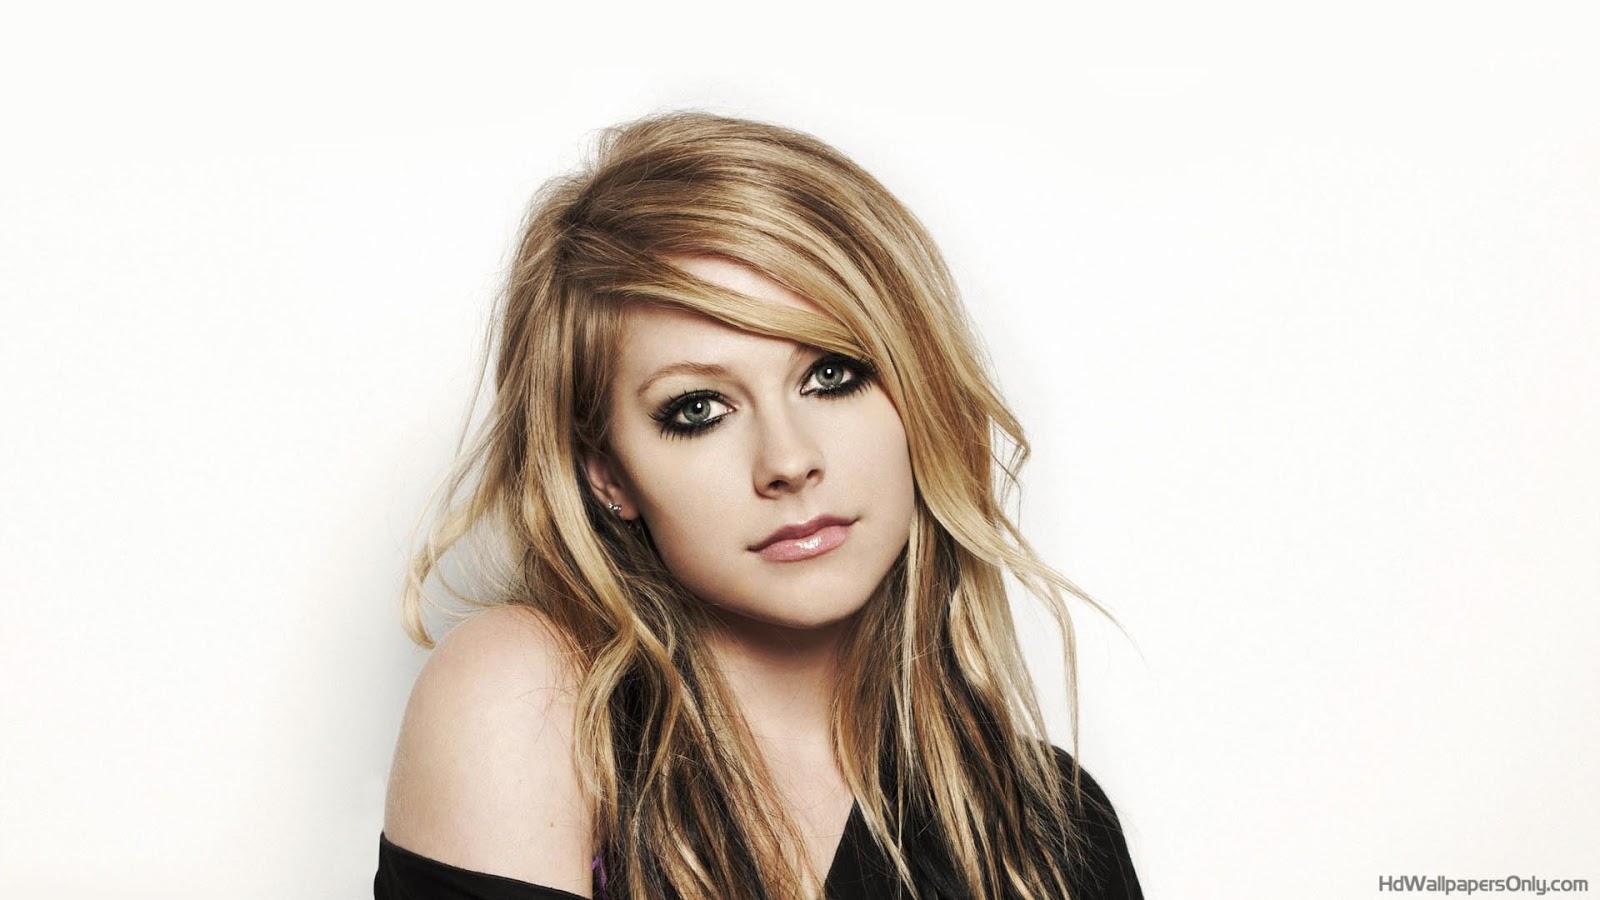 Avril Lavigne 1 Wallpapers: Famoso De La Semana